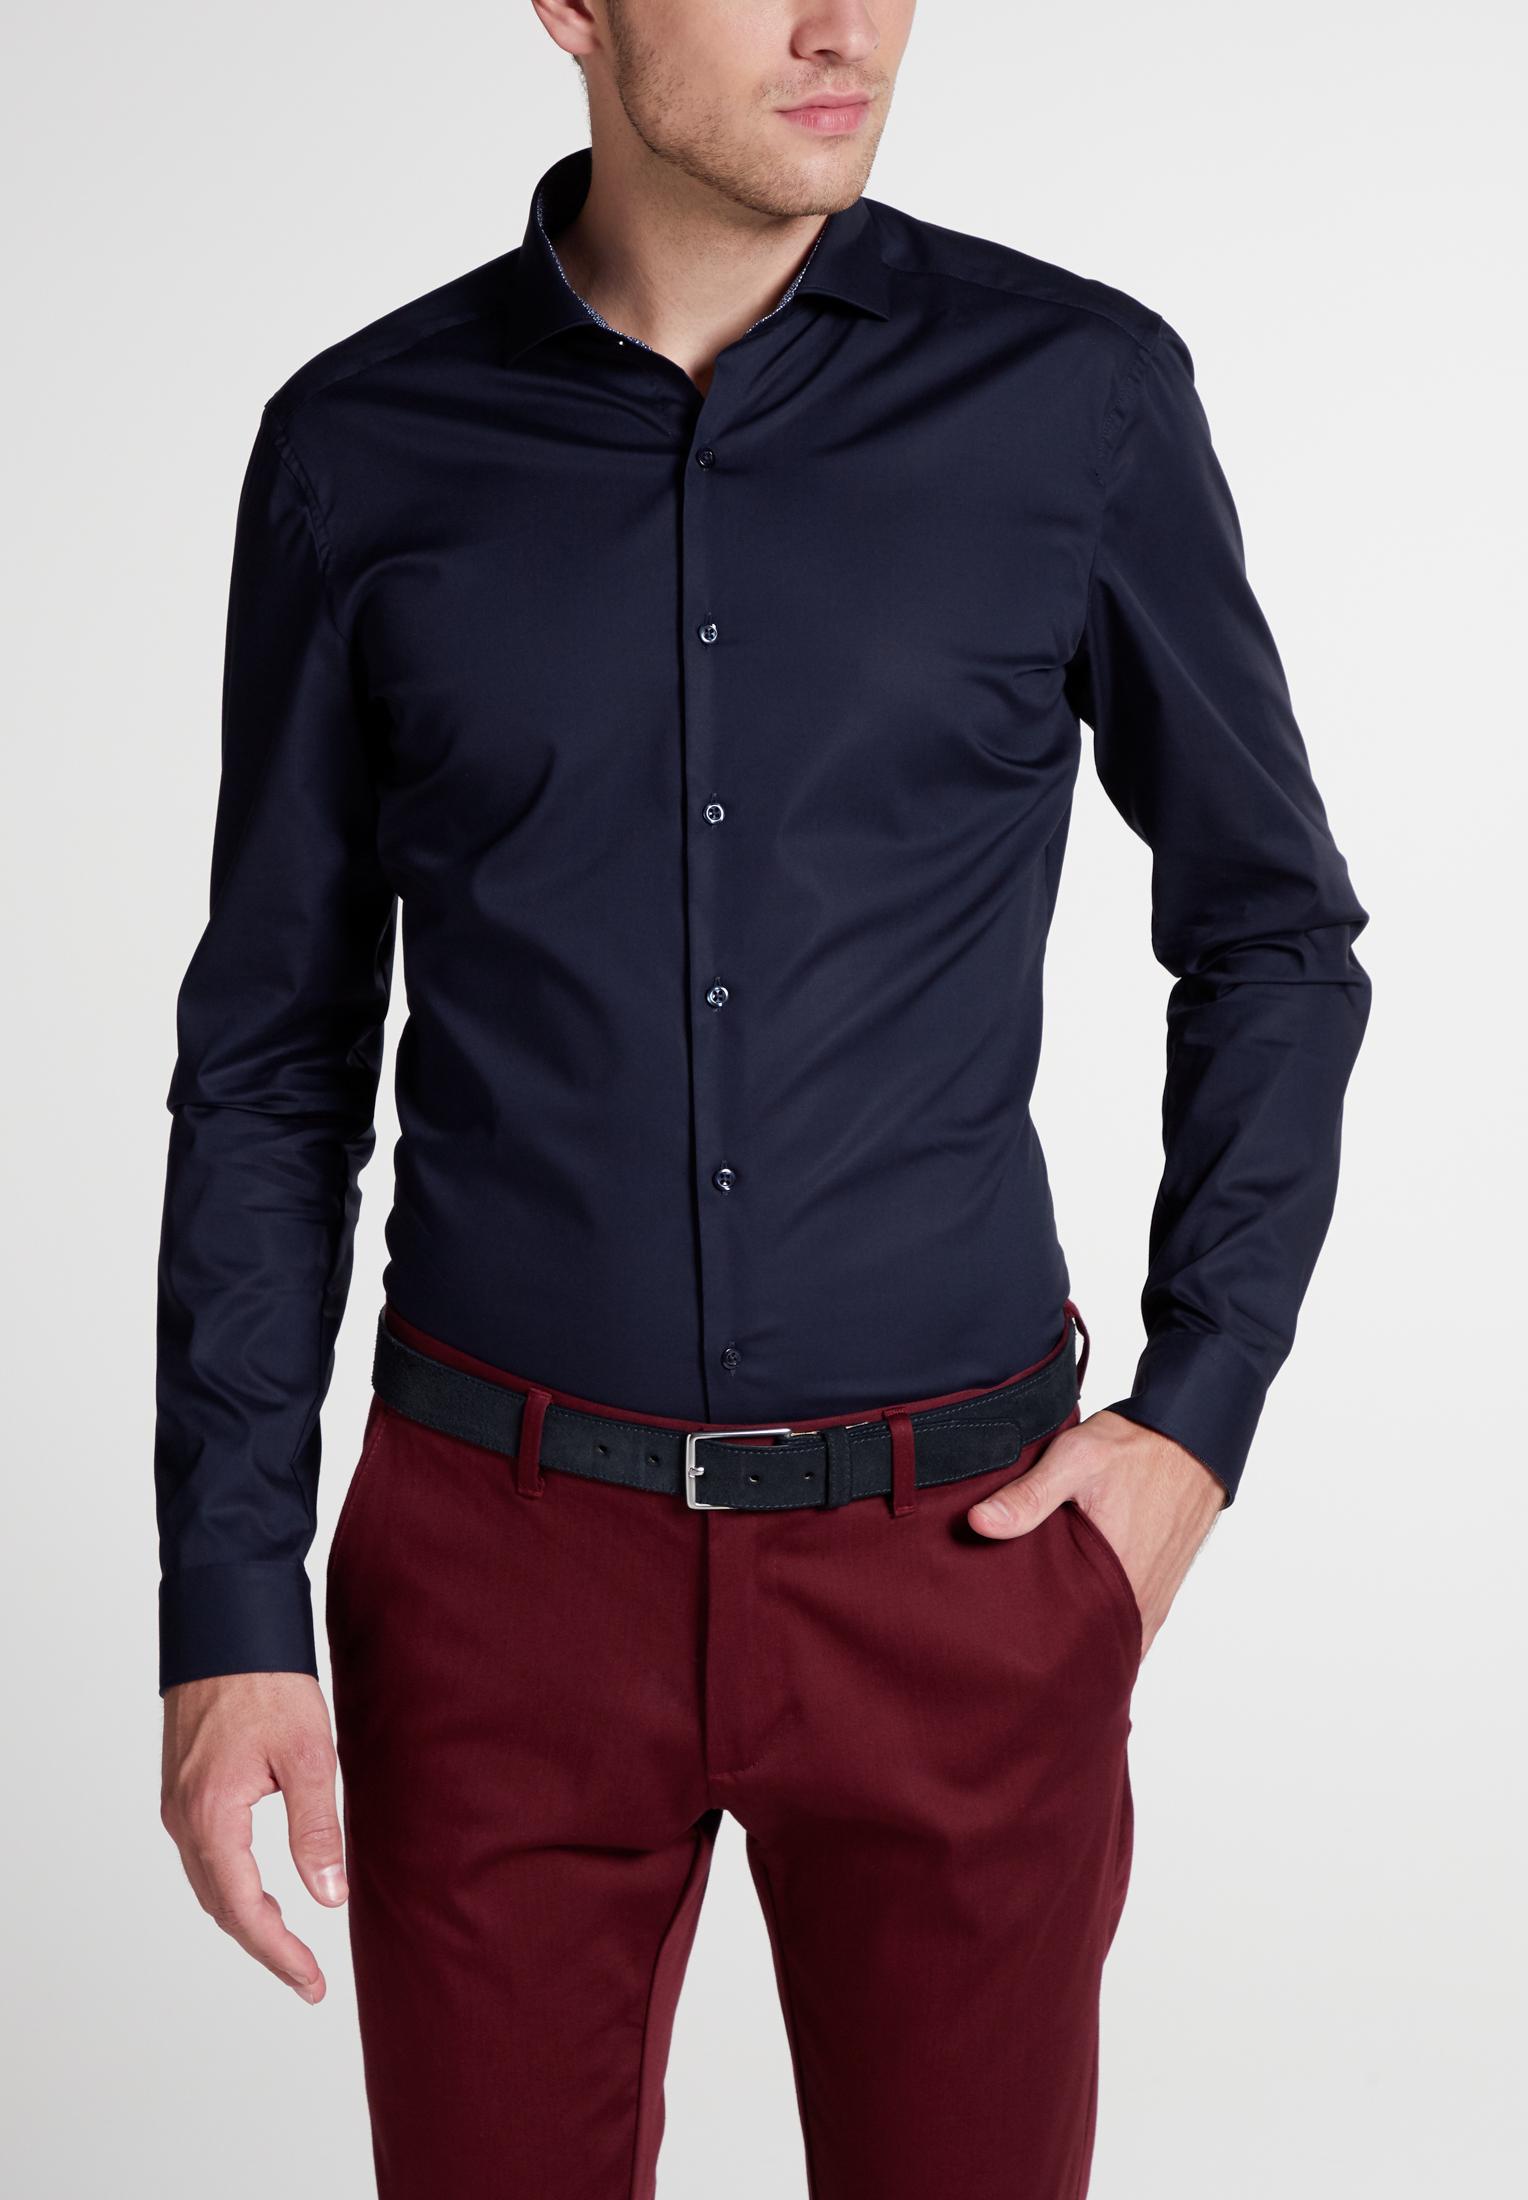 extra langer arm 72 cm hemd eterna slim fit marine mit. Black Bedroom Furniture Sets. Home Design Ideas